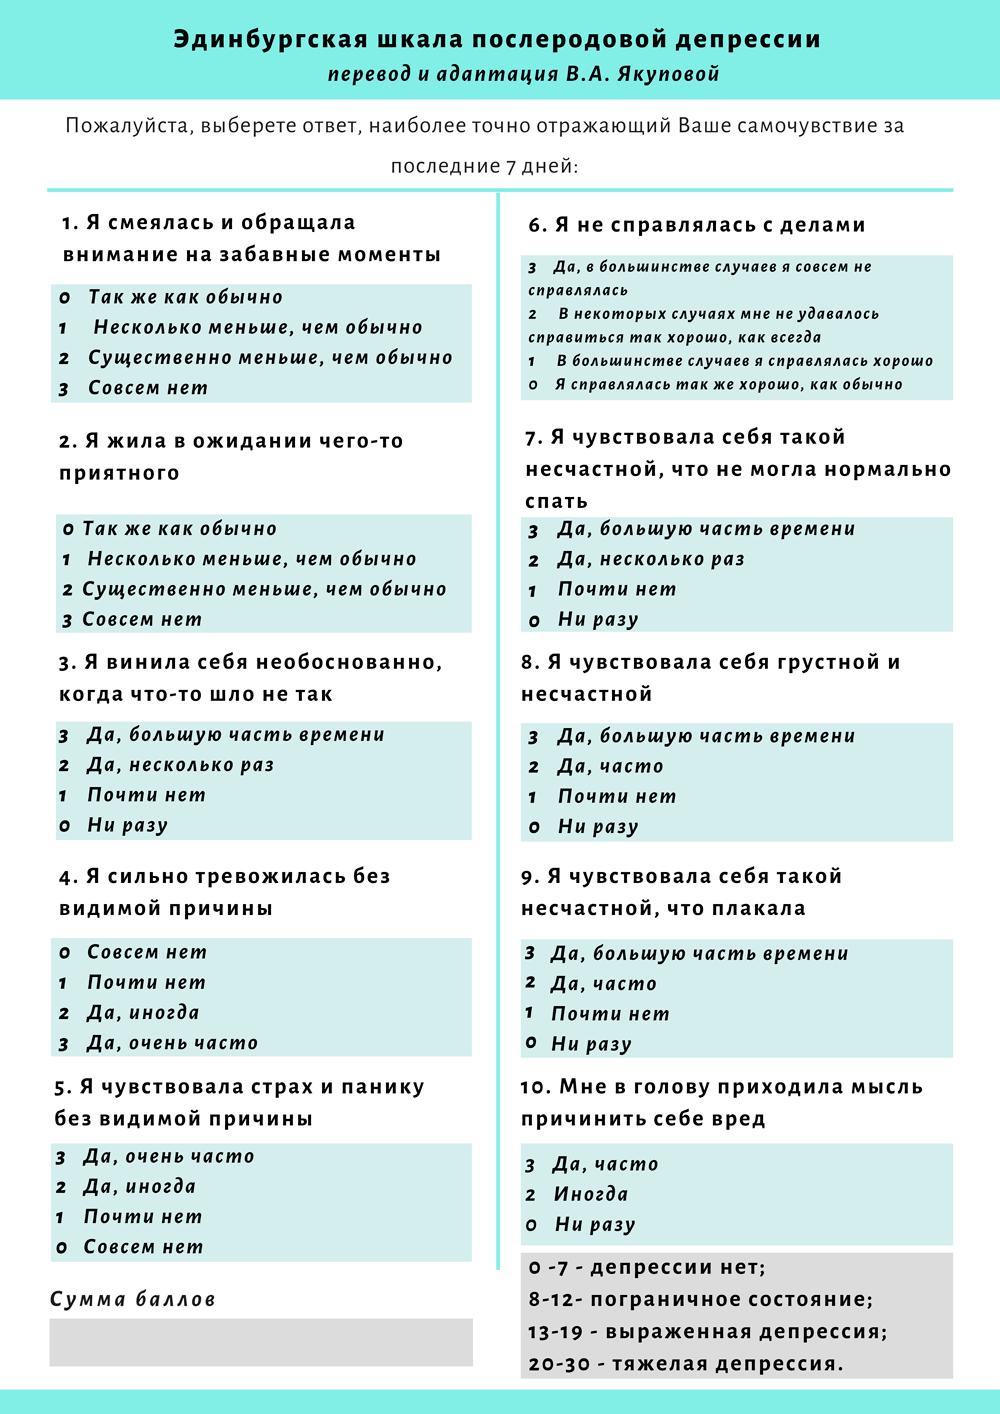 Предродовая депрессия: симптомы и безопасные способы лечения